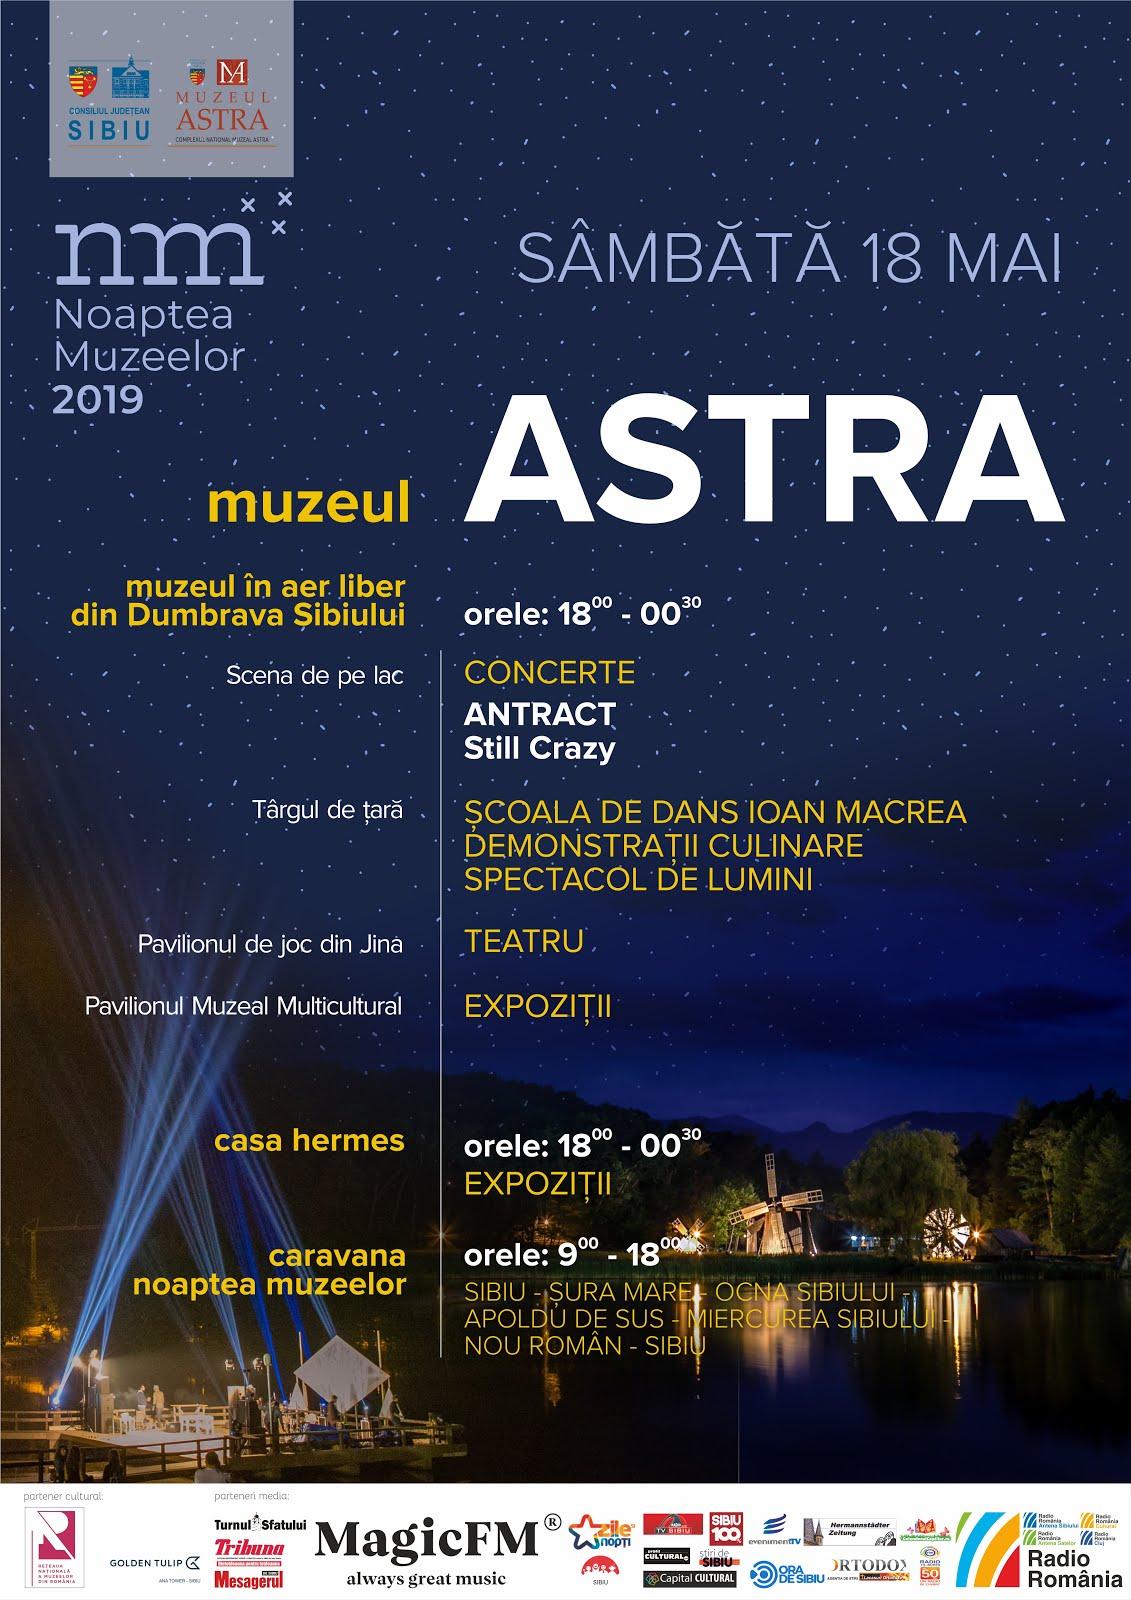 Noaptea Muzeelor & Ziua Internațională a Muzeelor - 18 mai 2019